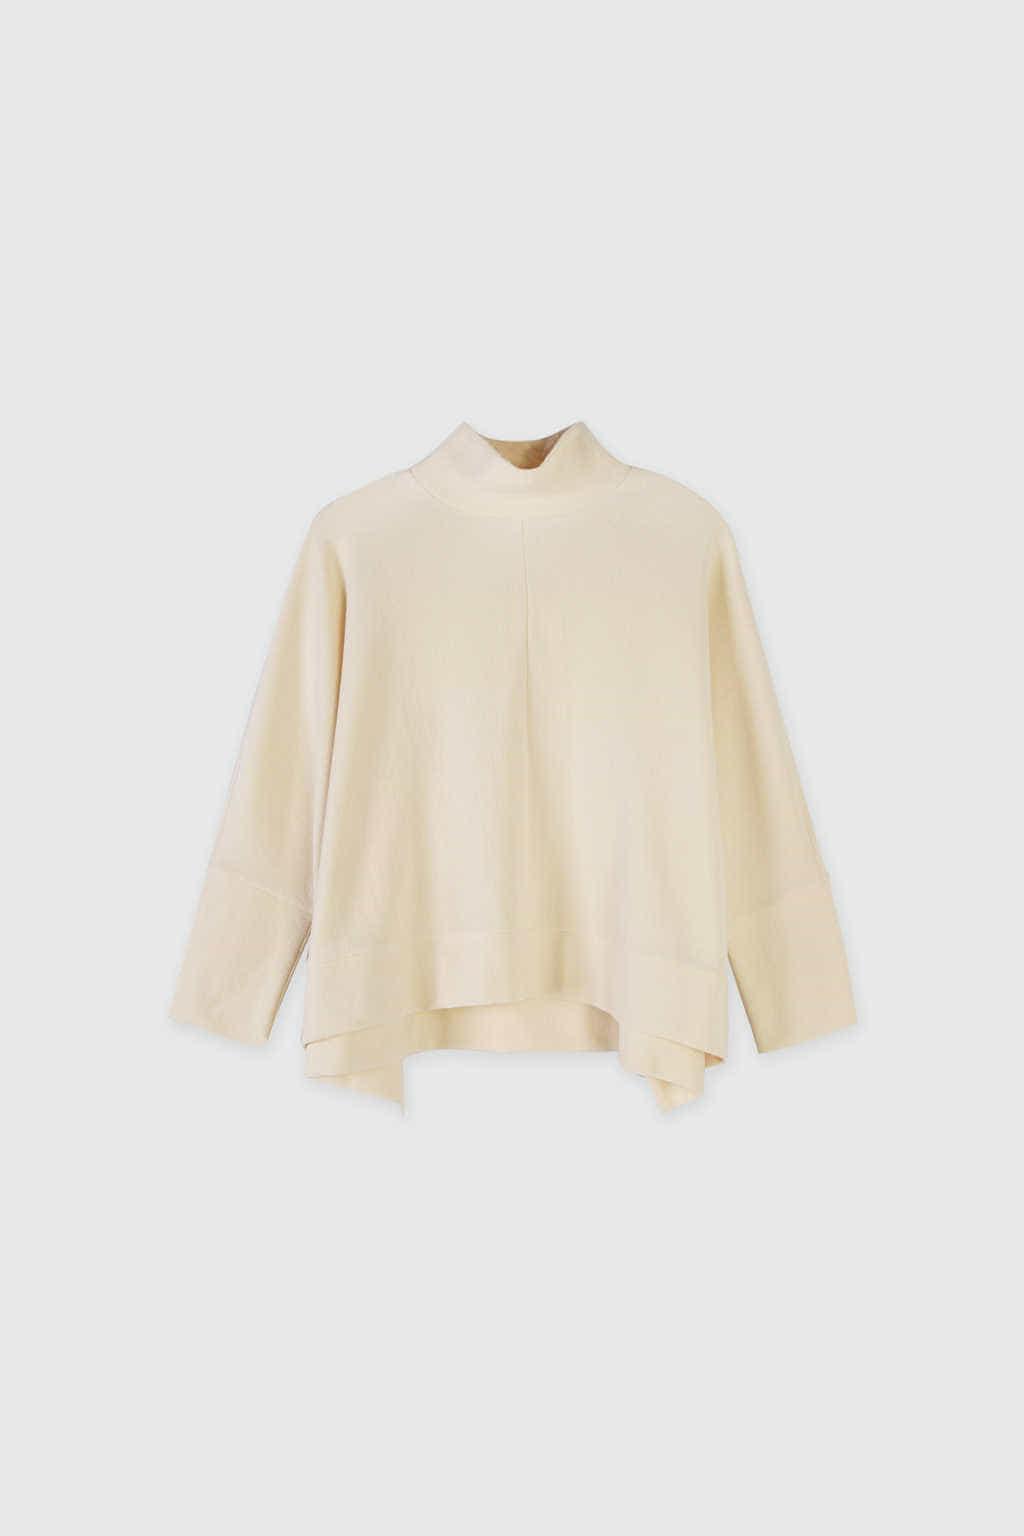 TShirt 3040 Cream 5